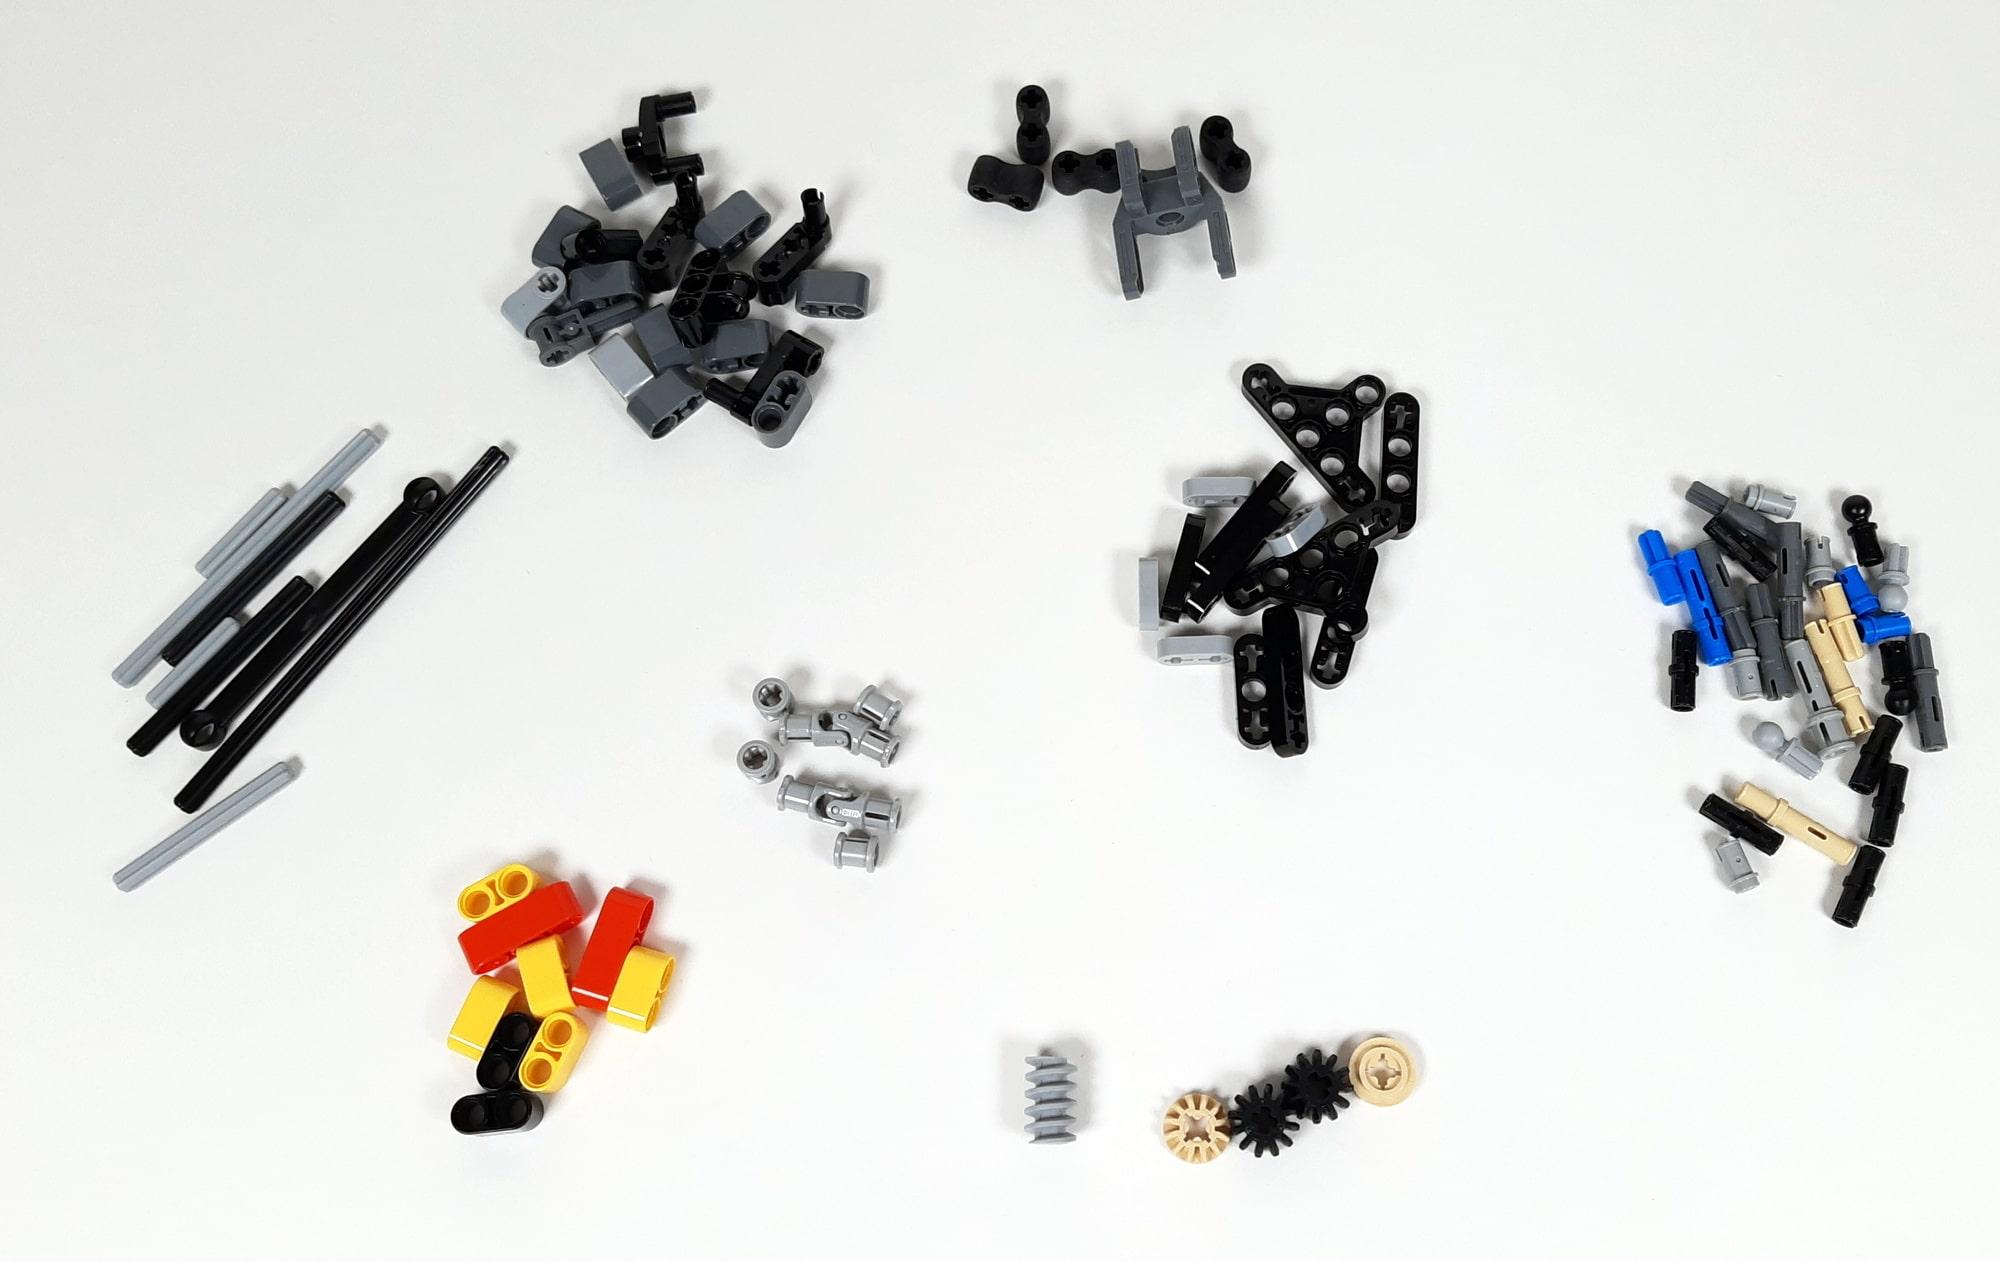 LEGO 42023 Mercedes-Benz Arocs B-Modell - Restliche Teile